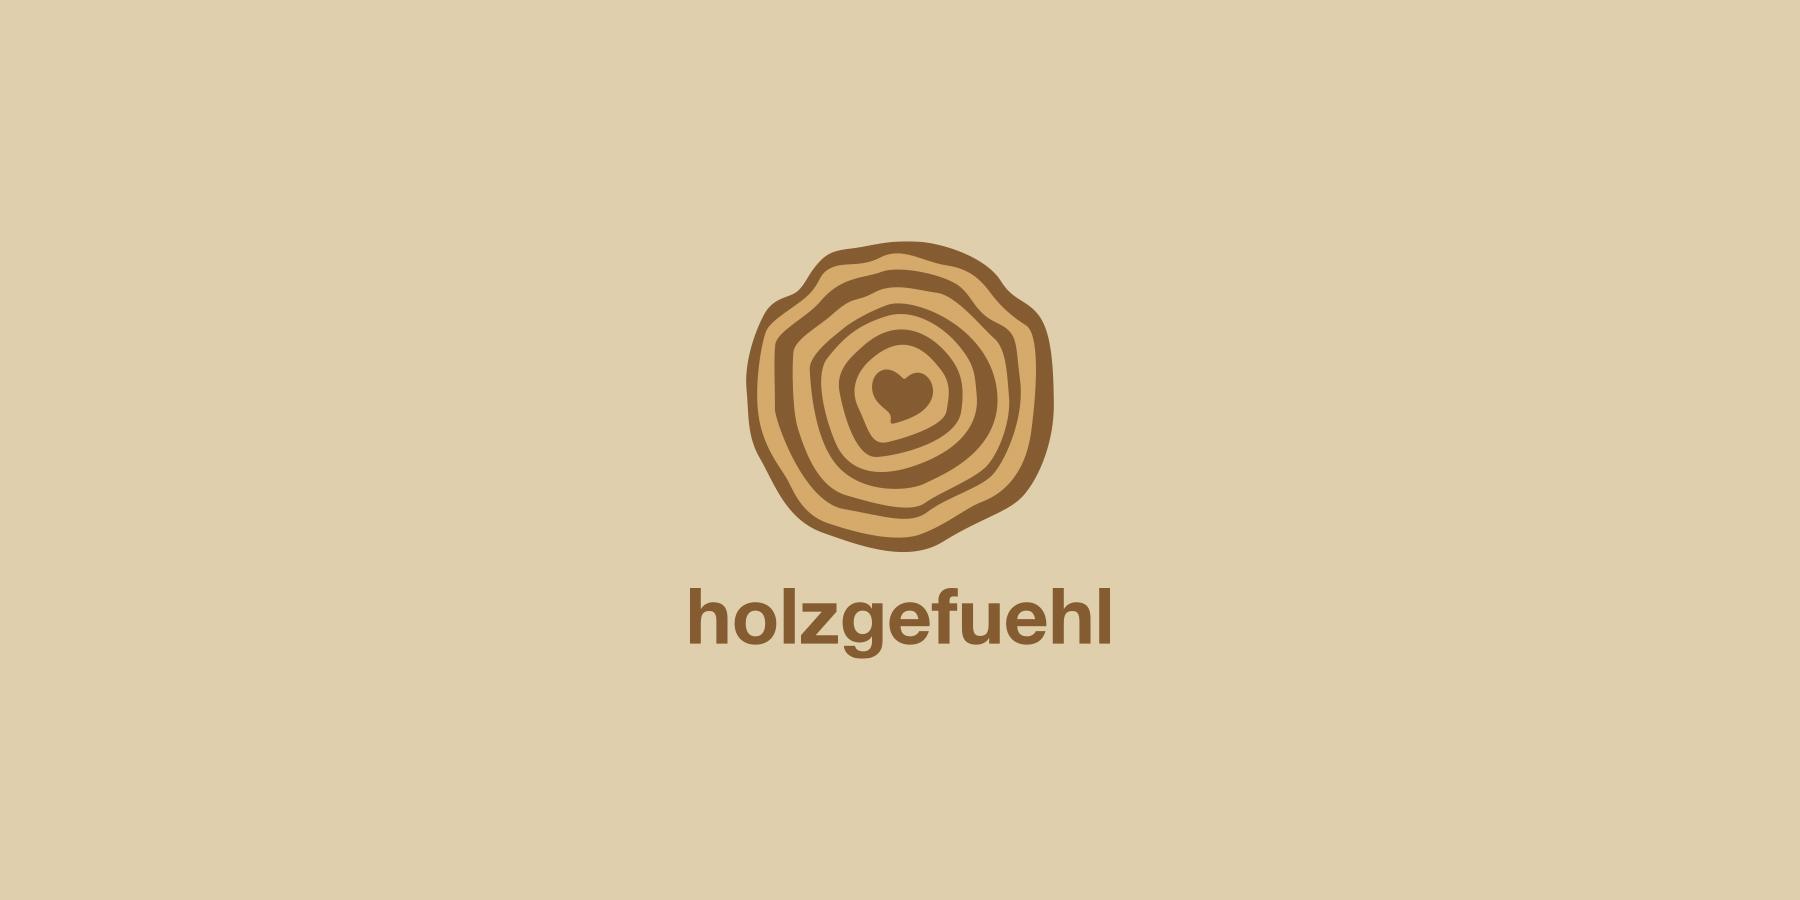 holzgefuehl-logo-design-01